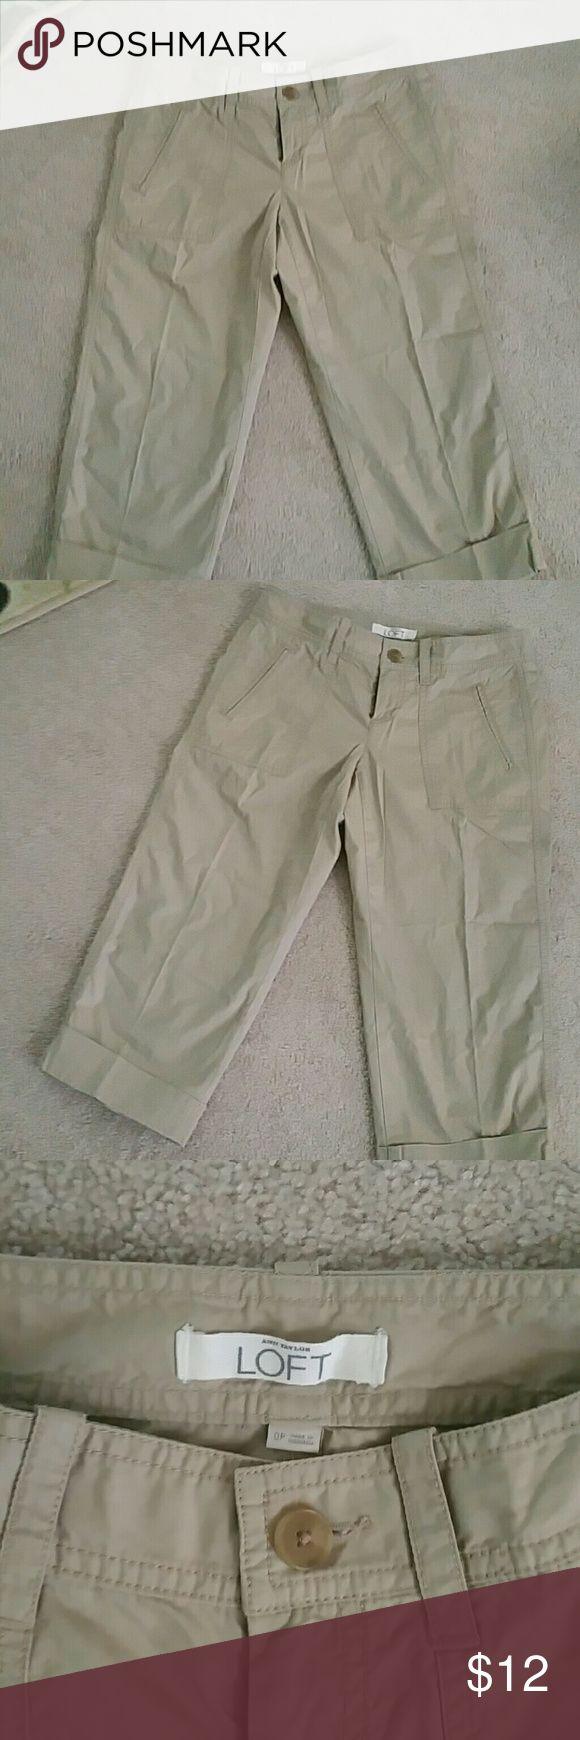 Loft khaki capris...excellent condition Loft khaki capris with pockets....wore once LOFT Pants Capris